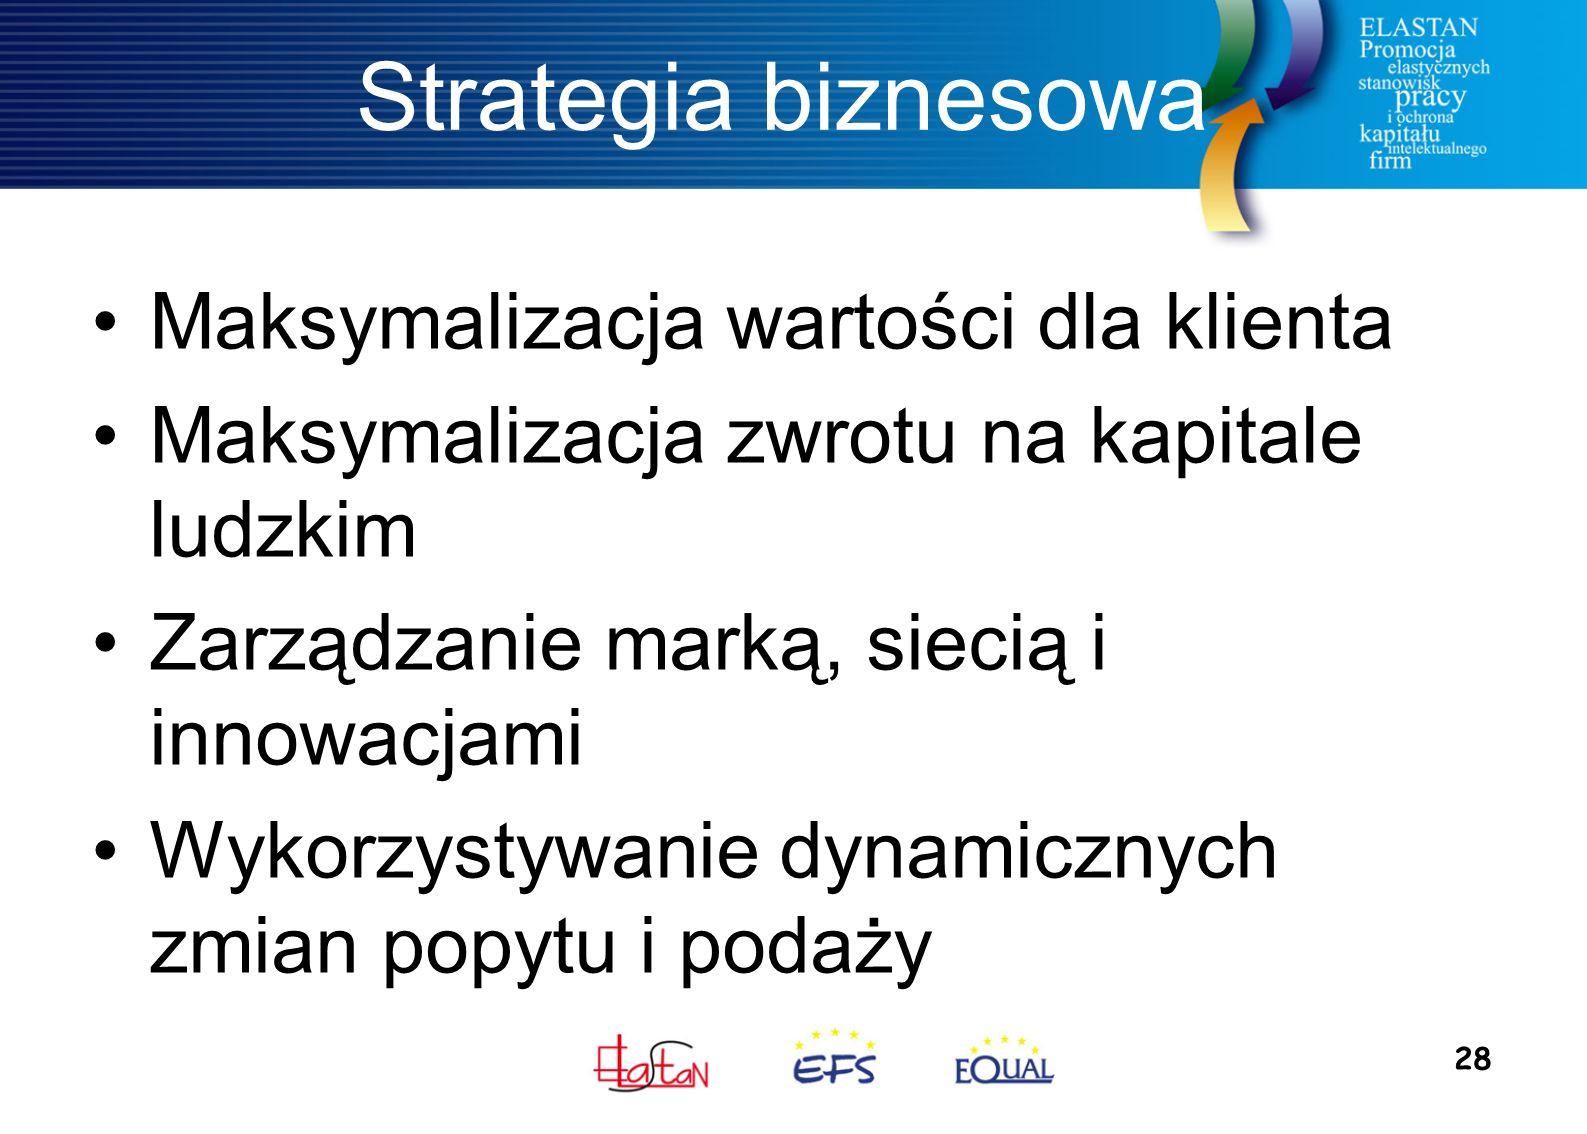 28 Strategia biznesowa Maksymalizacja wartości dla klienta Maksymalizacja zwrotu na kapitale ludzkim Zarządzanie marką, siecią i innowacjami Wykorzystywanie dynamicznych zmian popytu i podaży